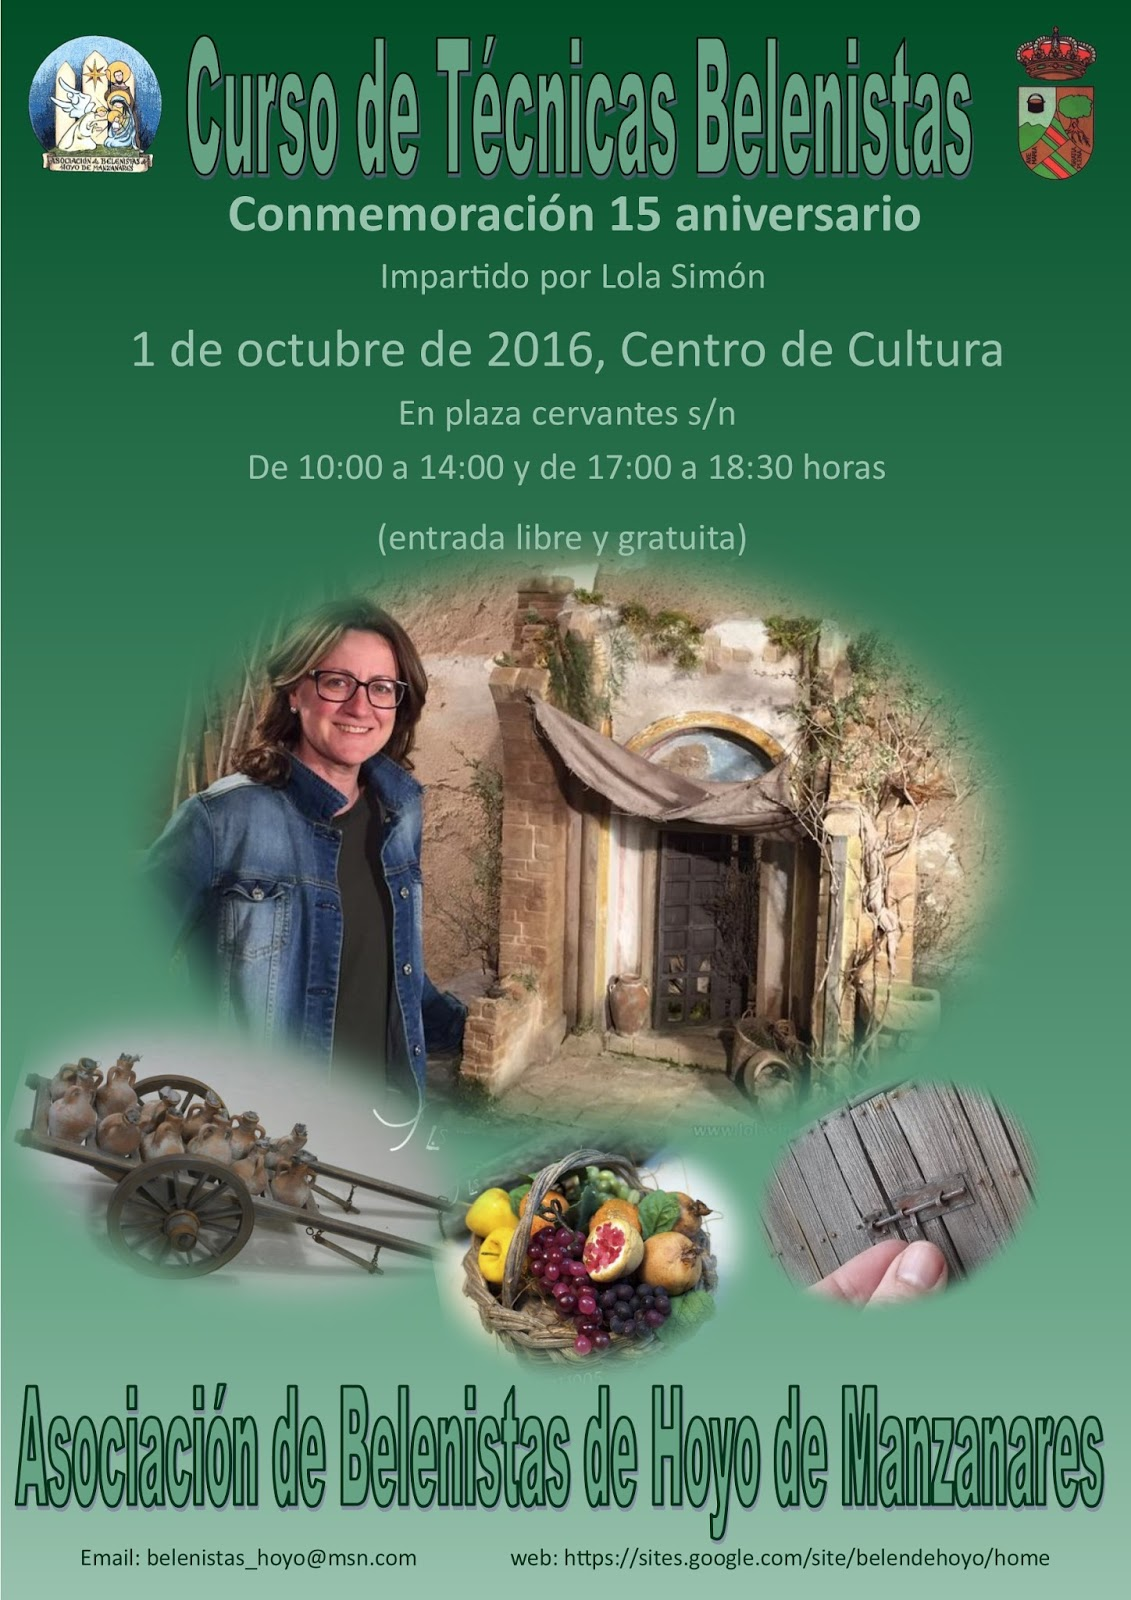 Curso de Técnicas de Belenistas - Asociación de Belenistas de Hoyo de Manzanares